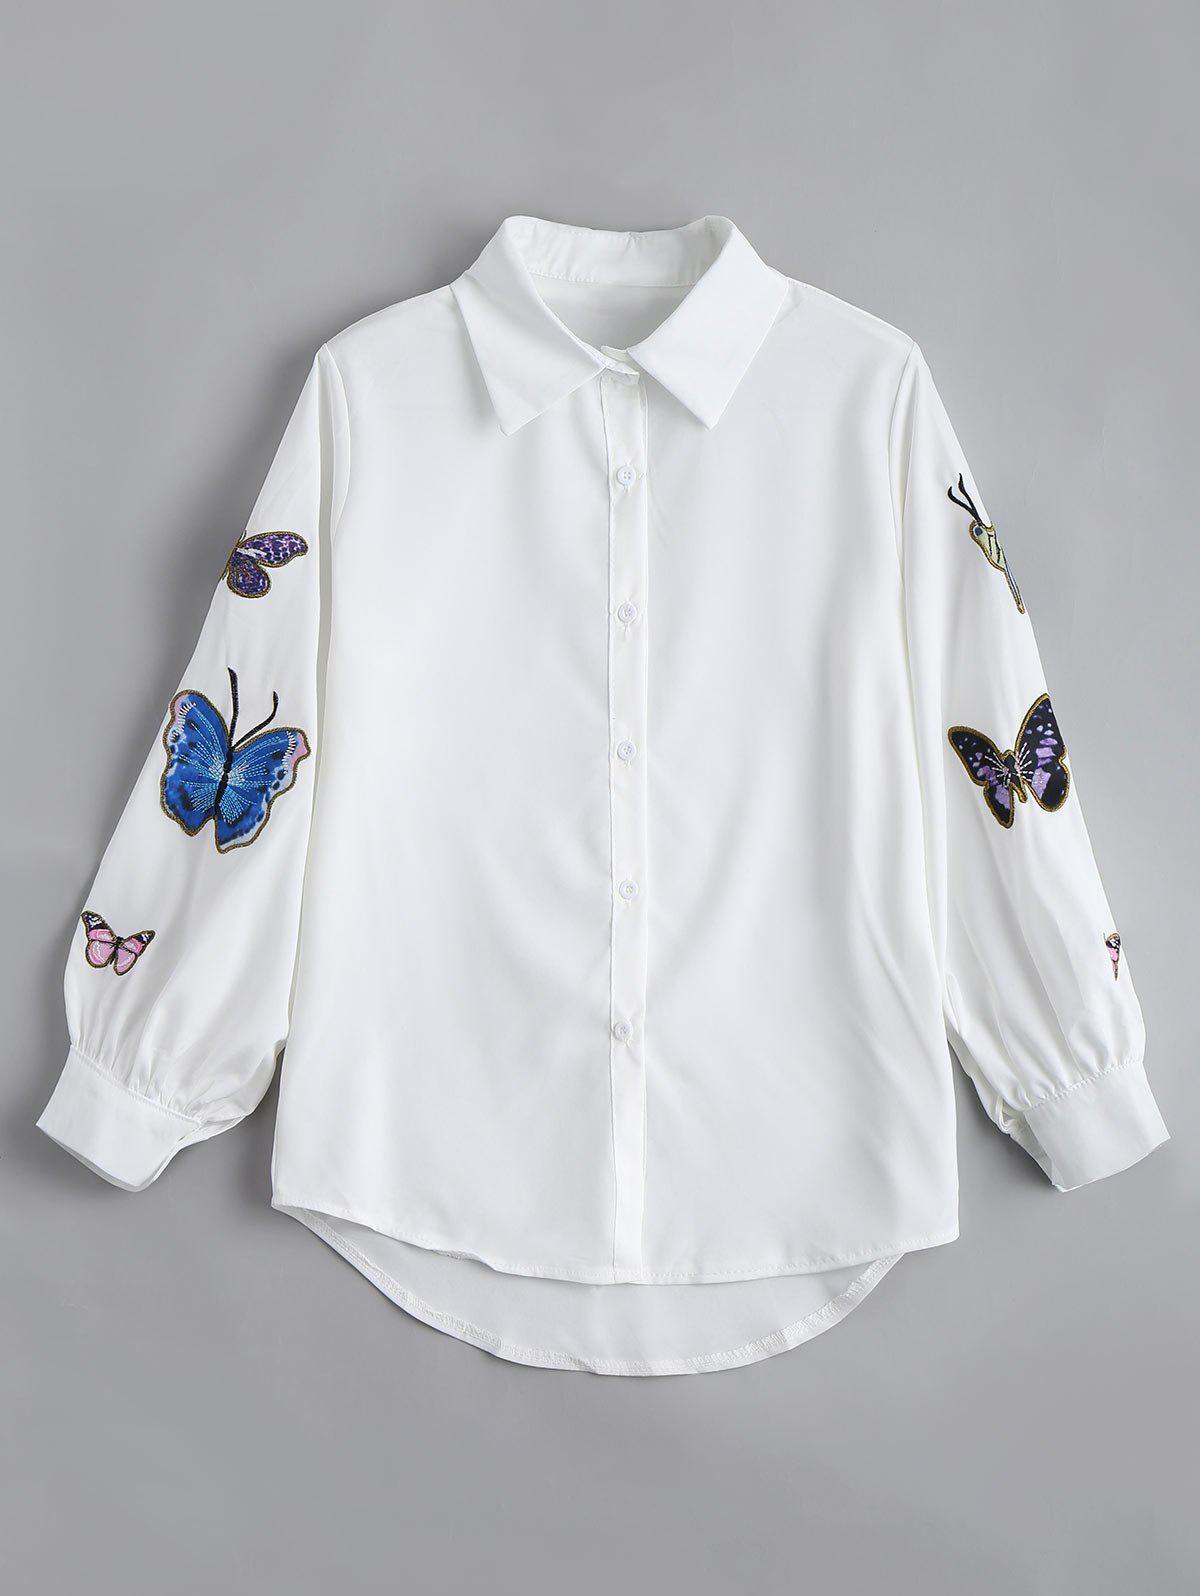 Schmetterling gestickte lssige Puff rmel Bluse